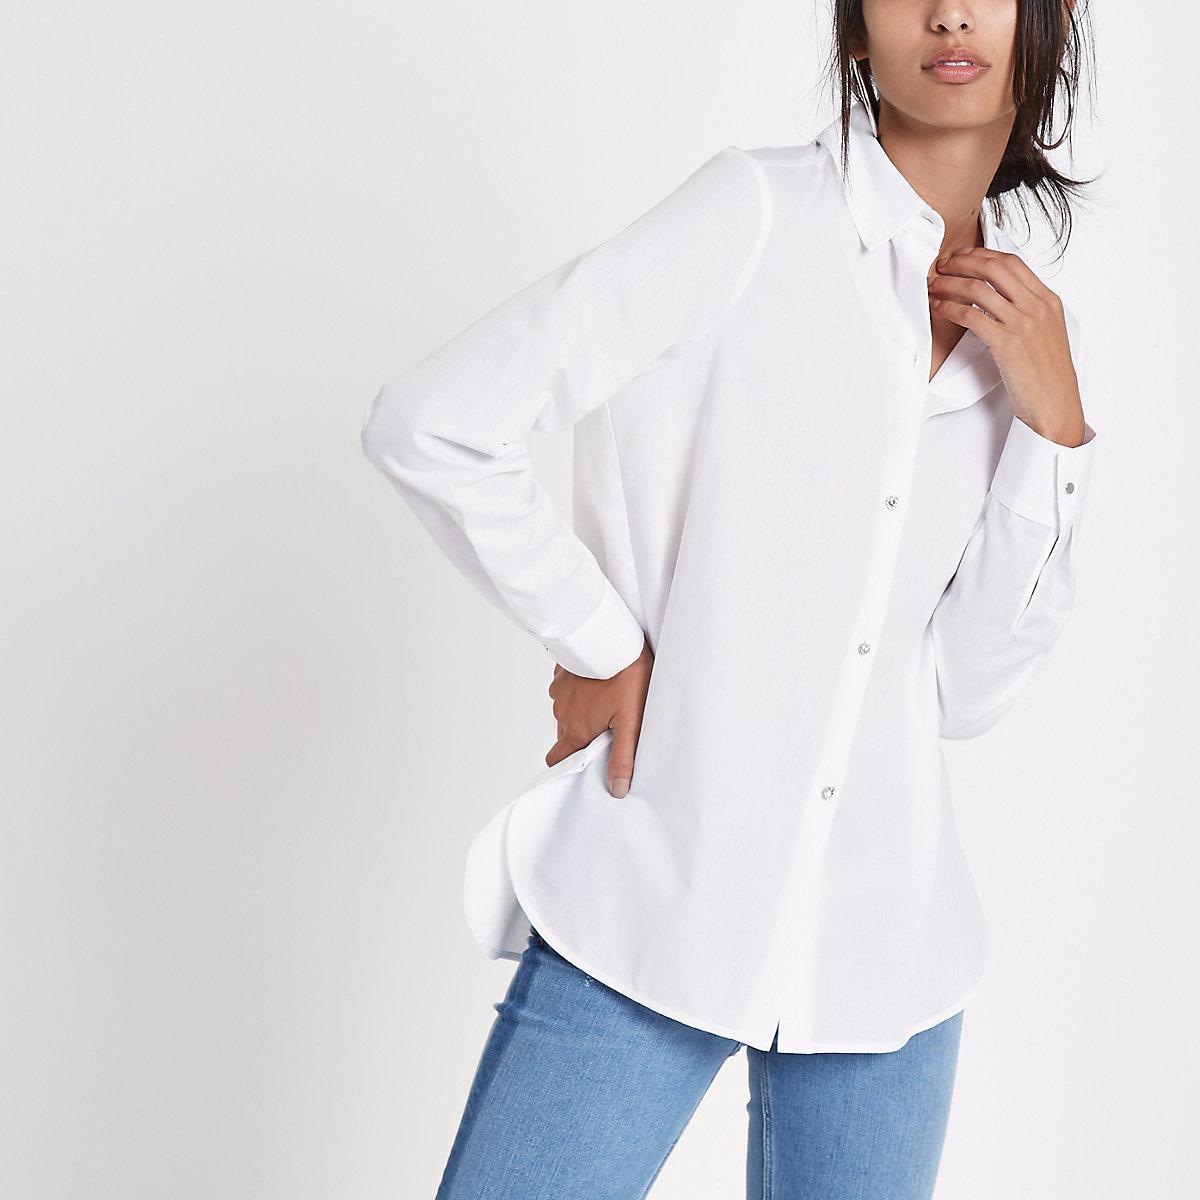 White rhinestone embellished button shirt